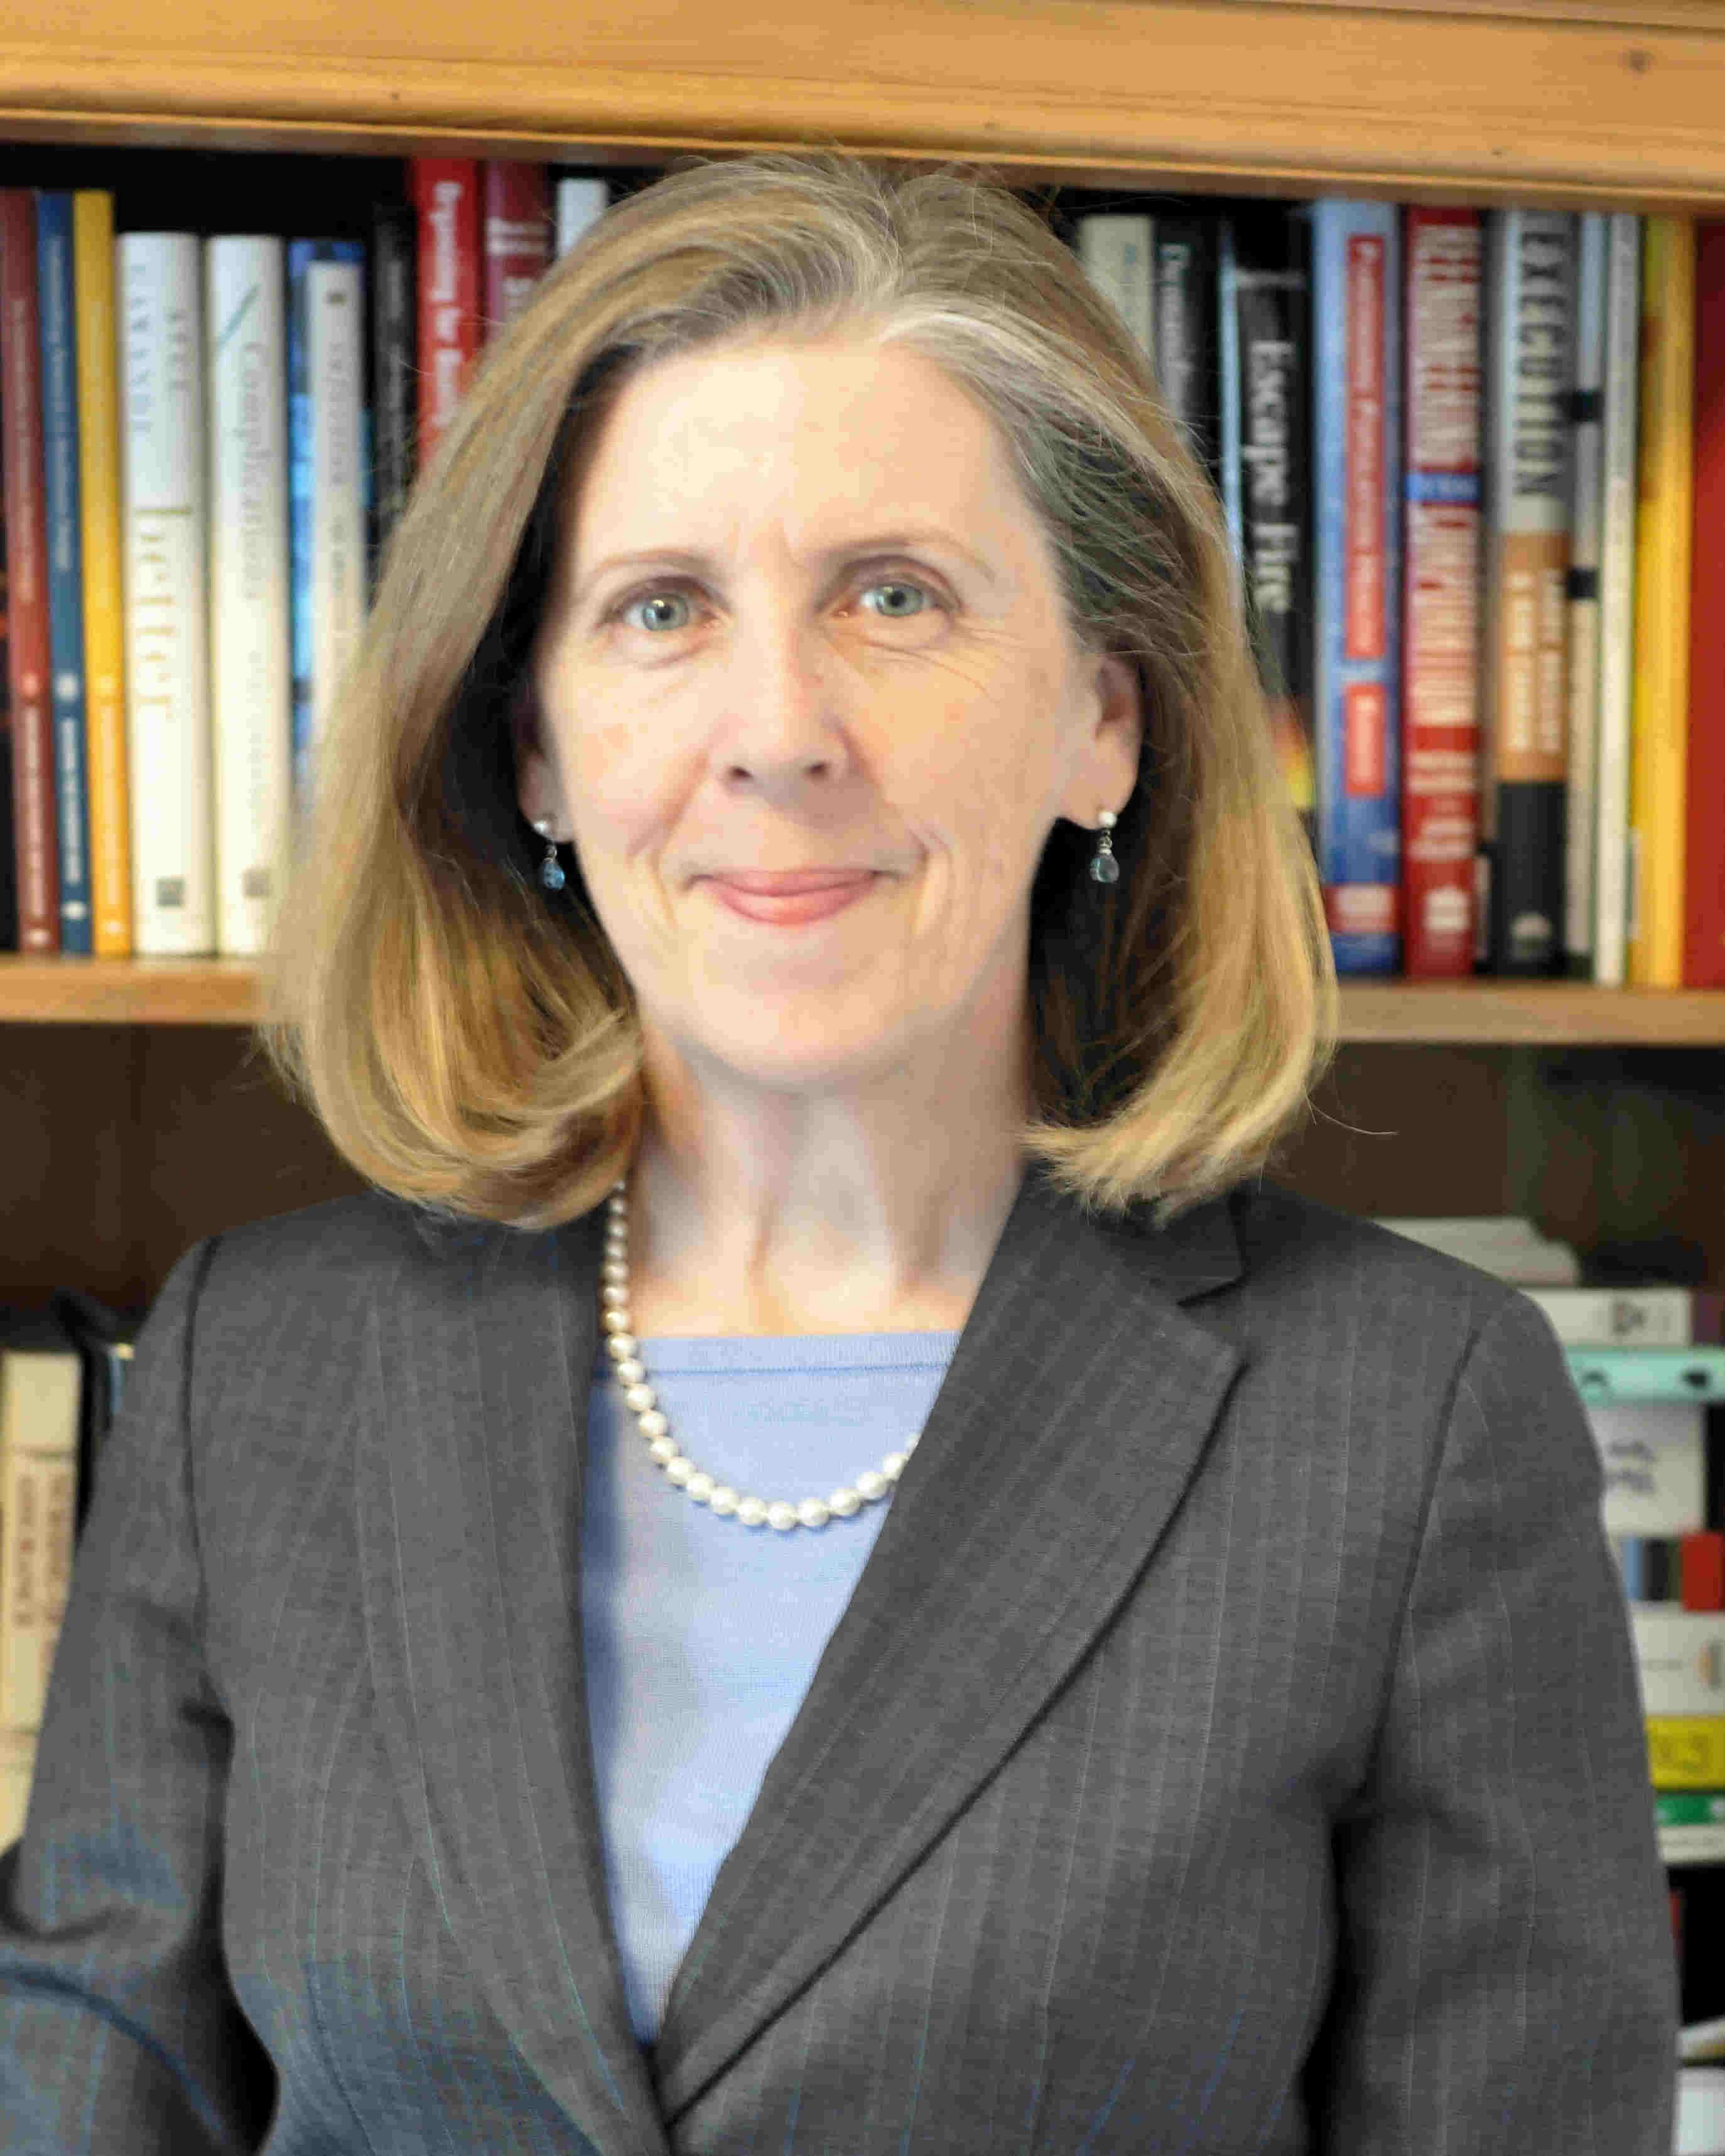 Eileen Malone